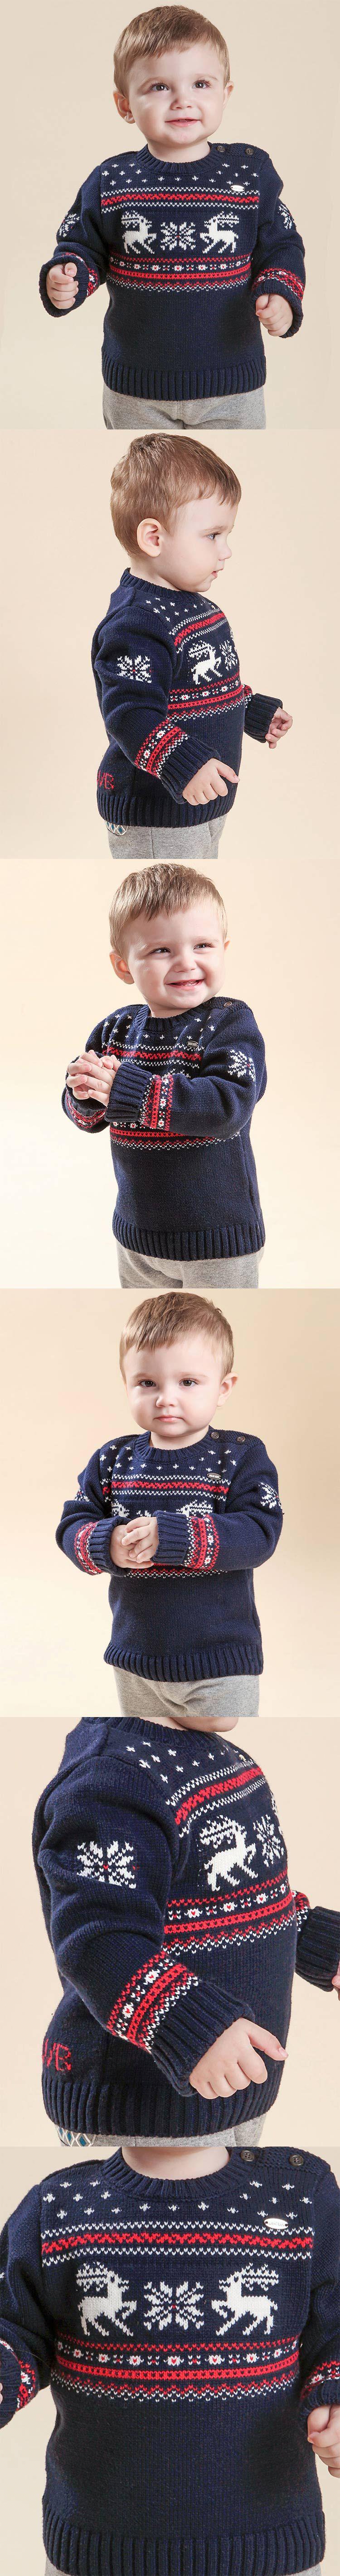 商品名称: 男婴藏青色毛衣 商品分类: 婴幼儿外出服 产地: 中国 材质